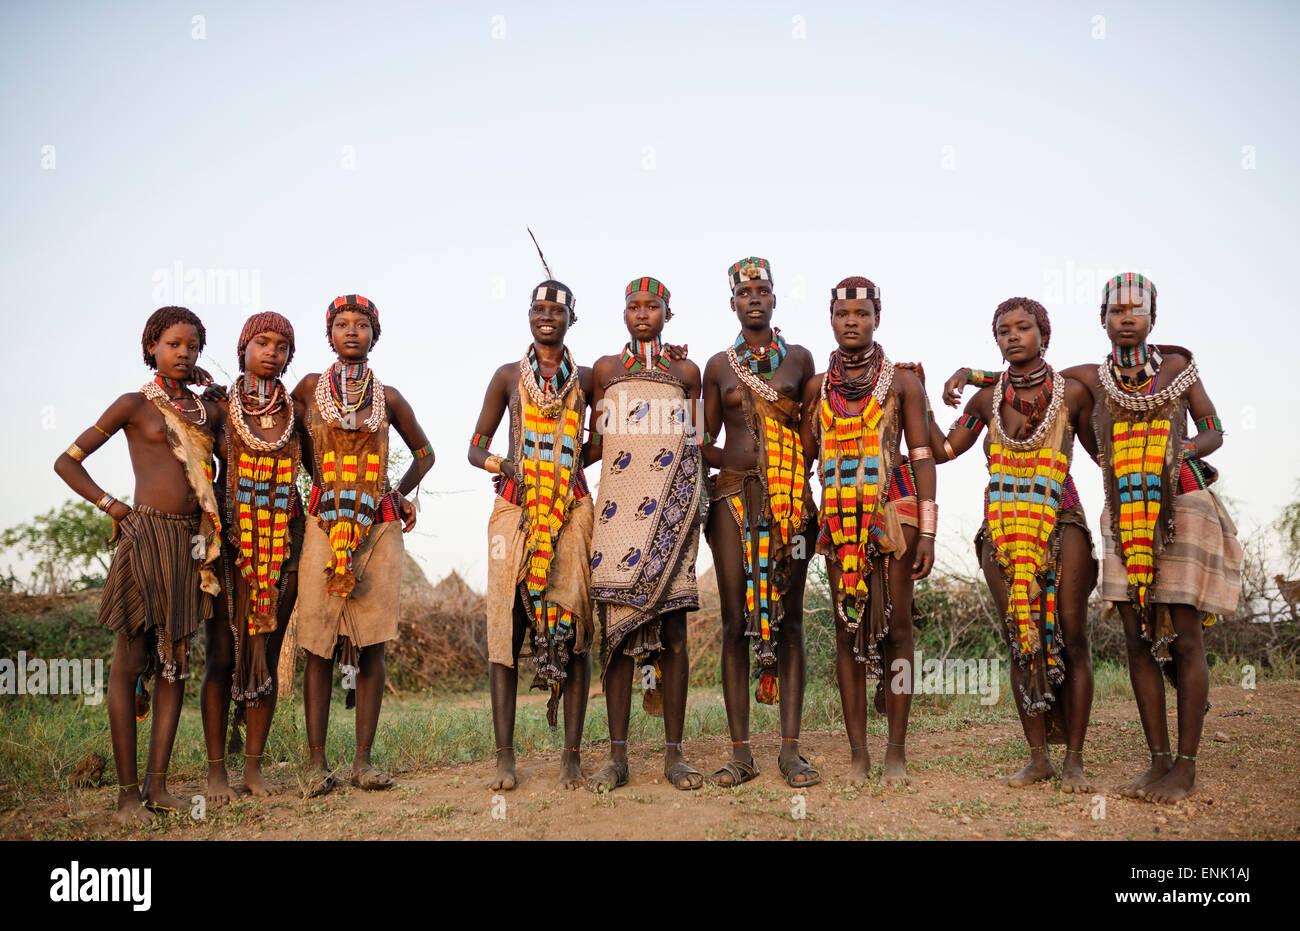 Las niñas de la tribu Hamar, Valle de Omo, Etiopía, África Imagen De Stock